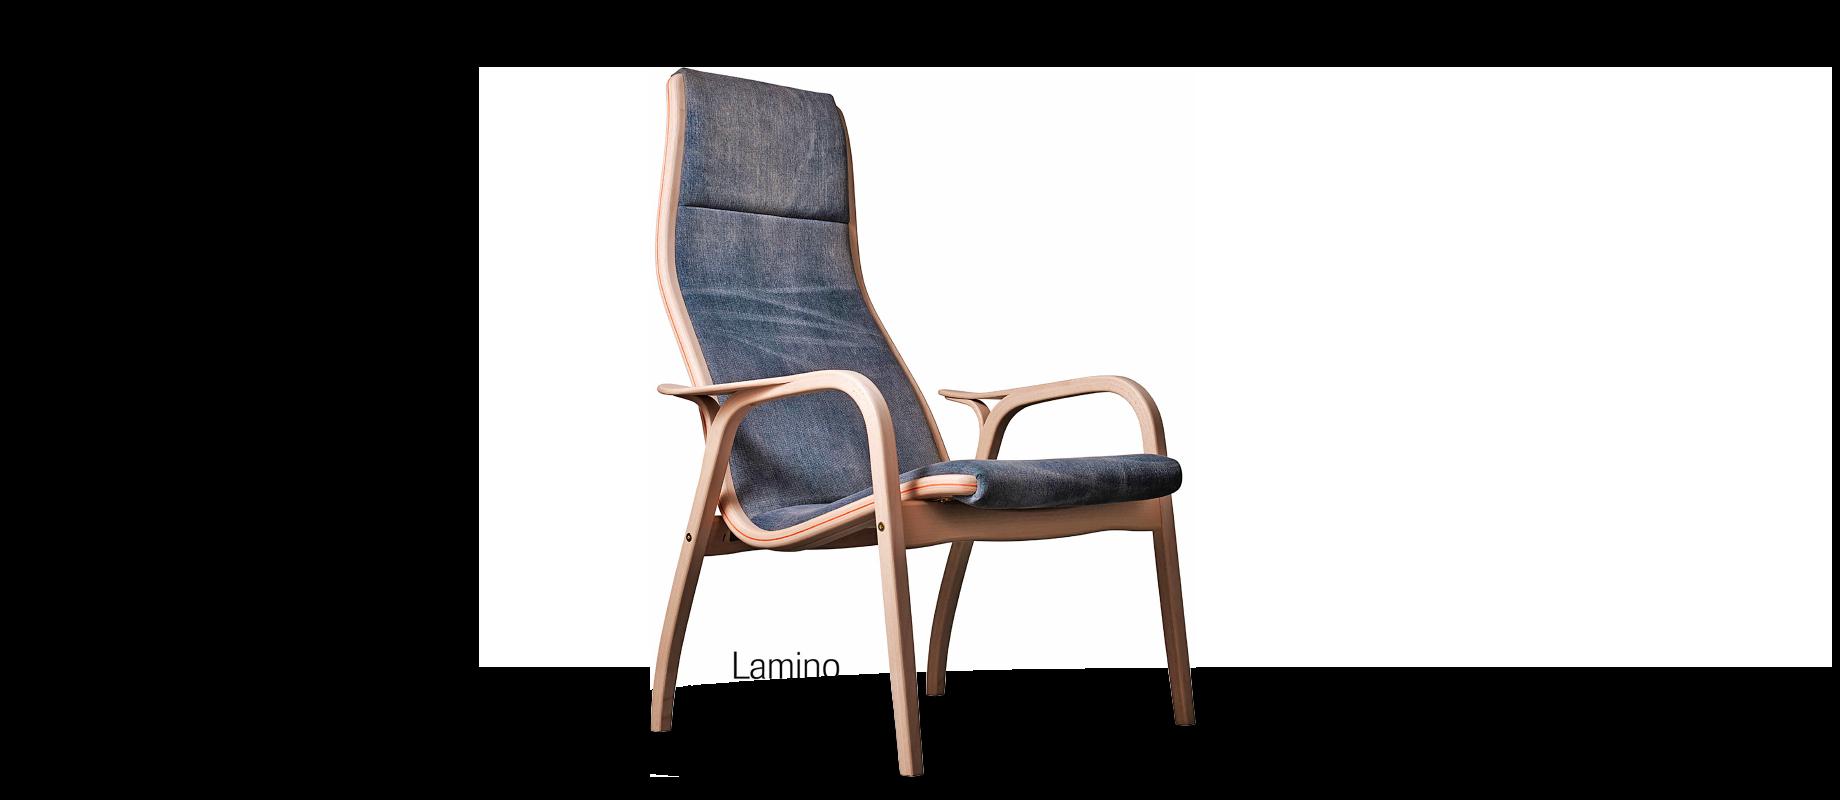 Buztic com lamino fåtölj rea ~ Design Inspiration für die neueste Wohnkultur